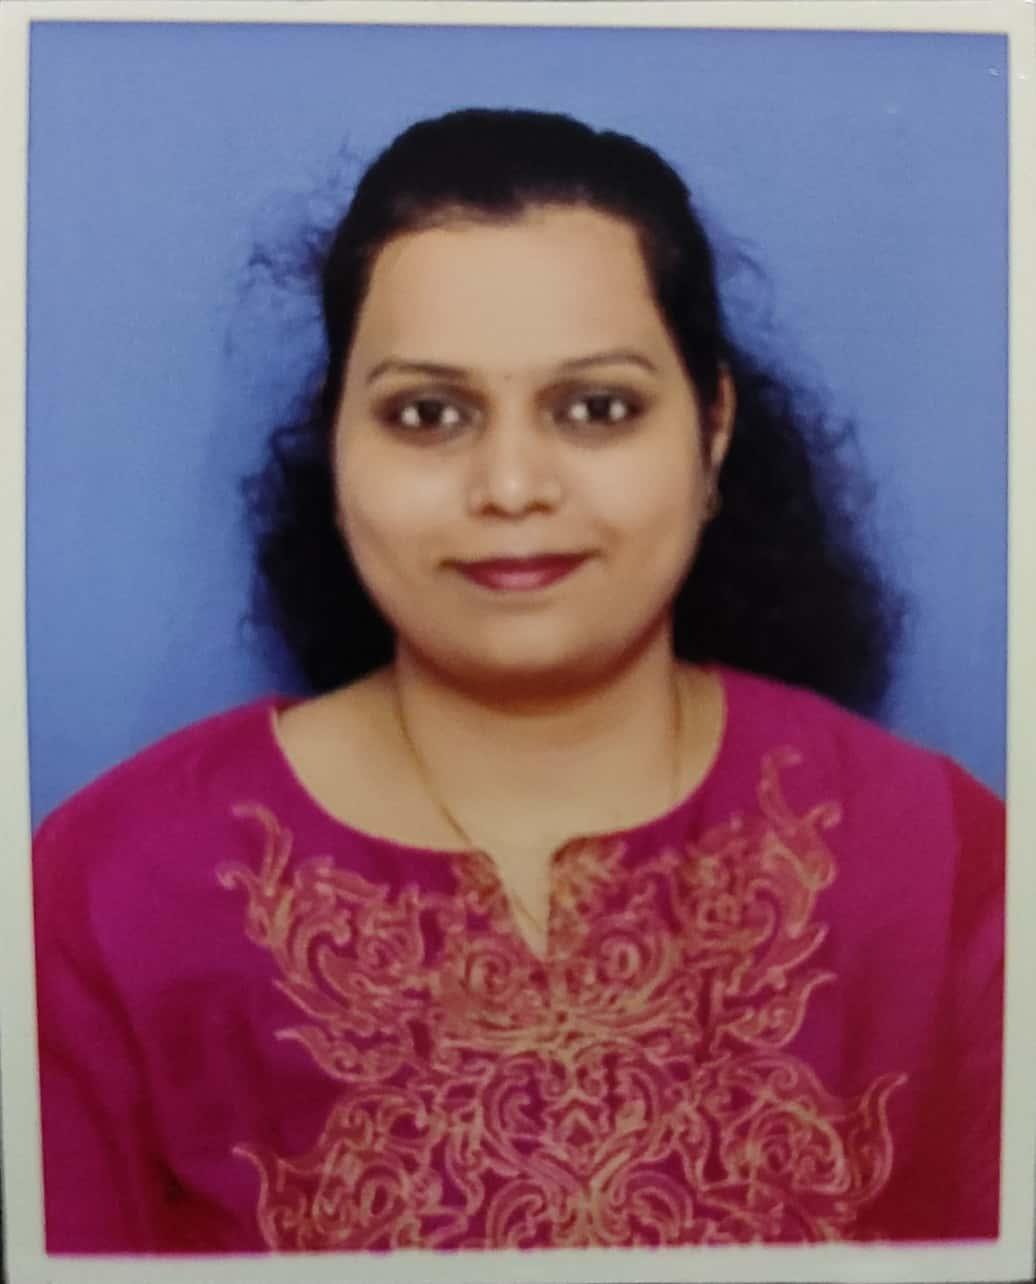 Prachi Velhal, Docmode research dietitian